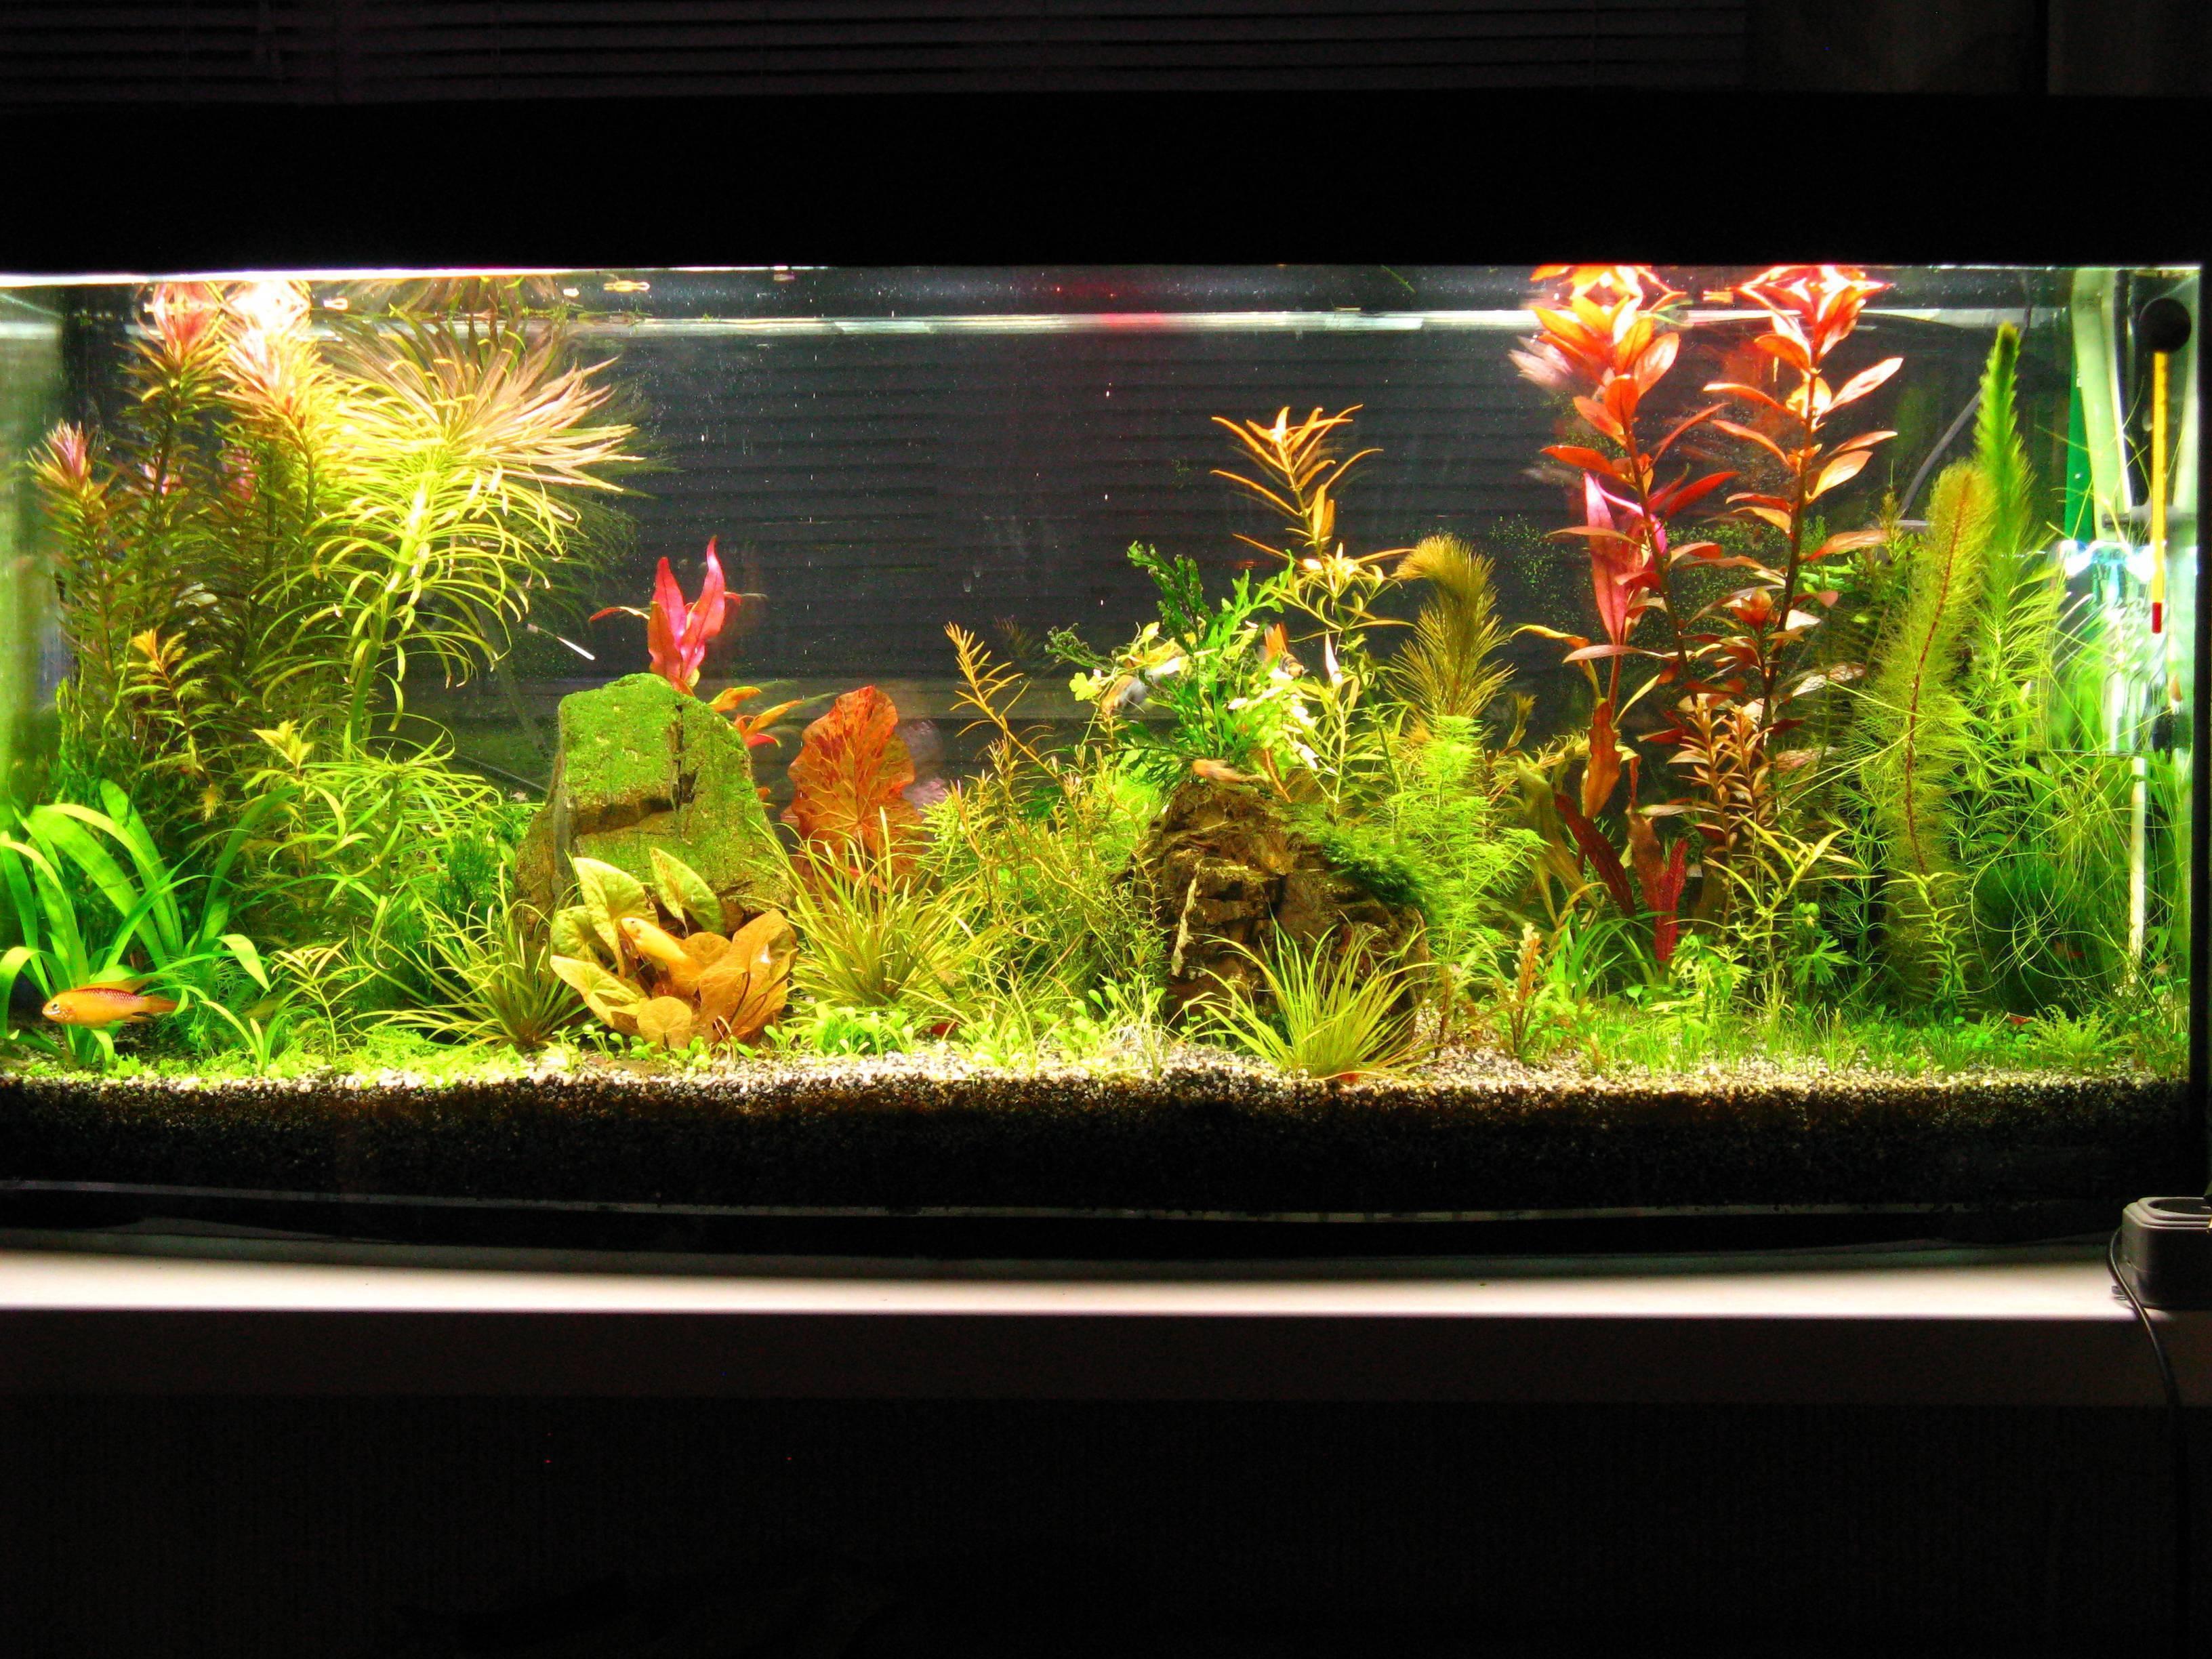 Аквариум с растениями: особенности и правила содержания травника